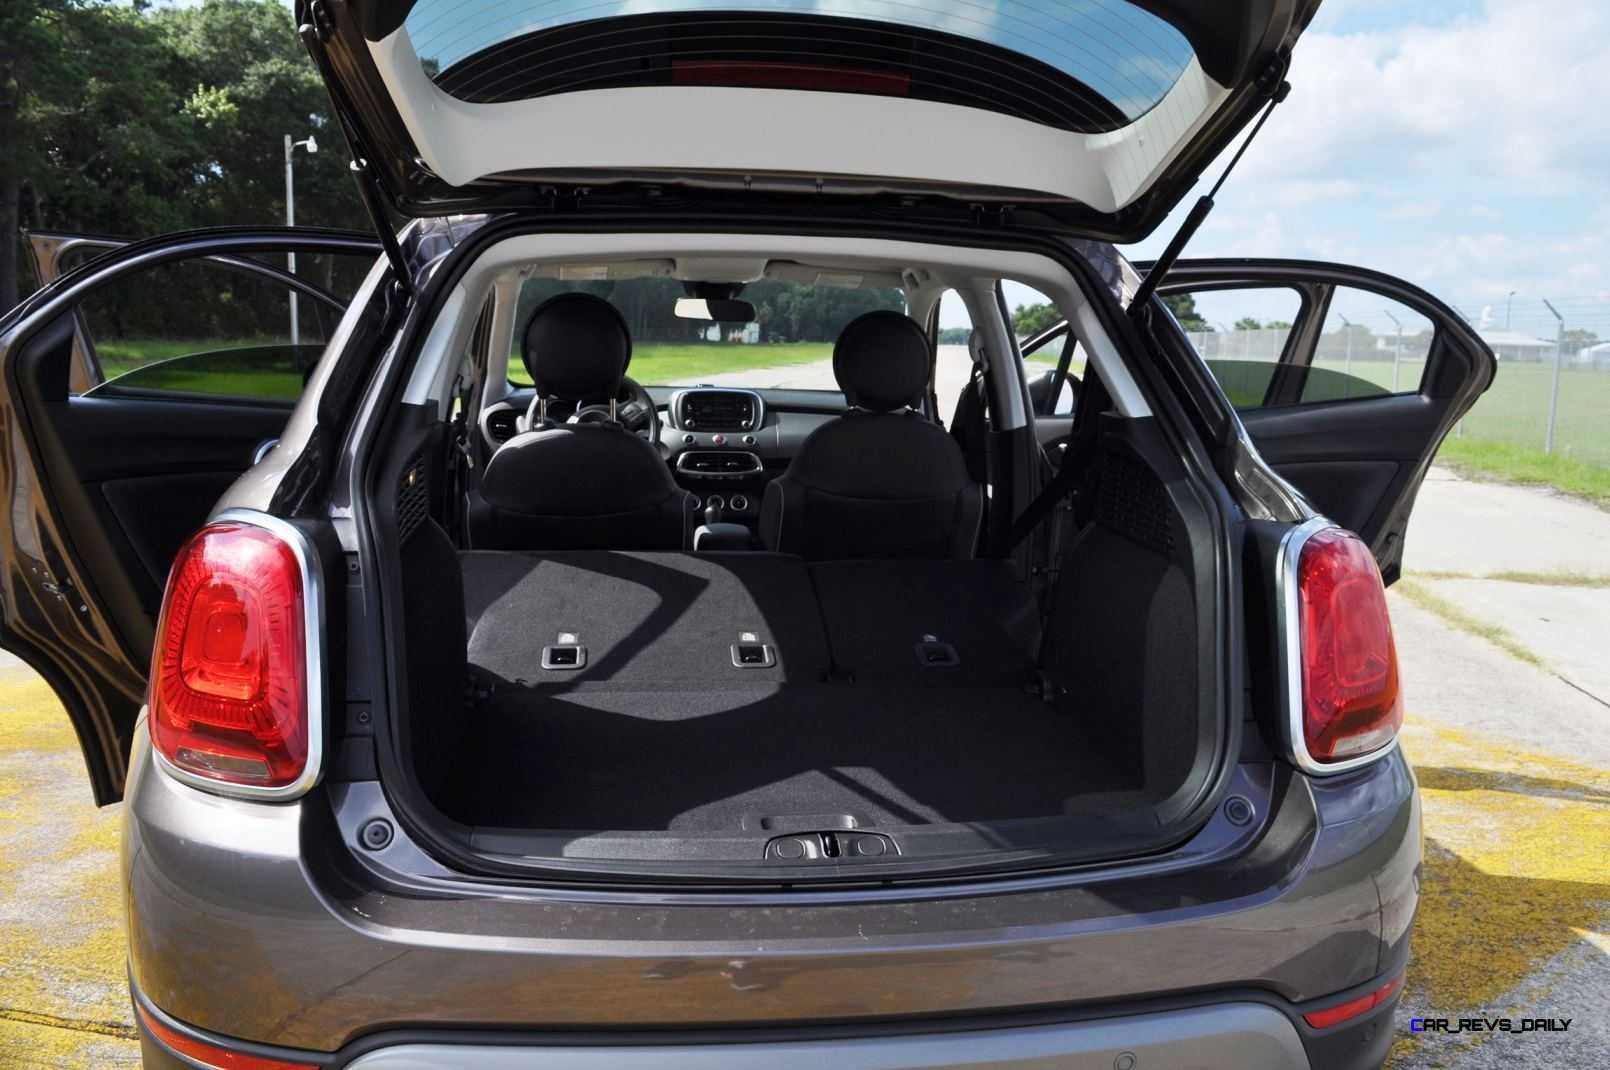 2016 Fiat 500x Interior 18 Car Revs